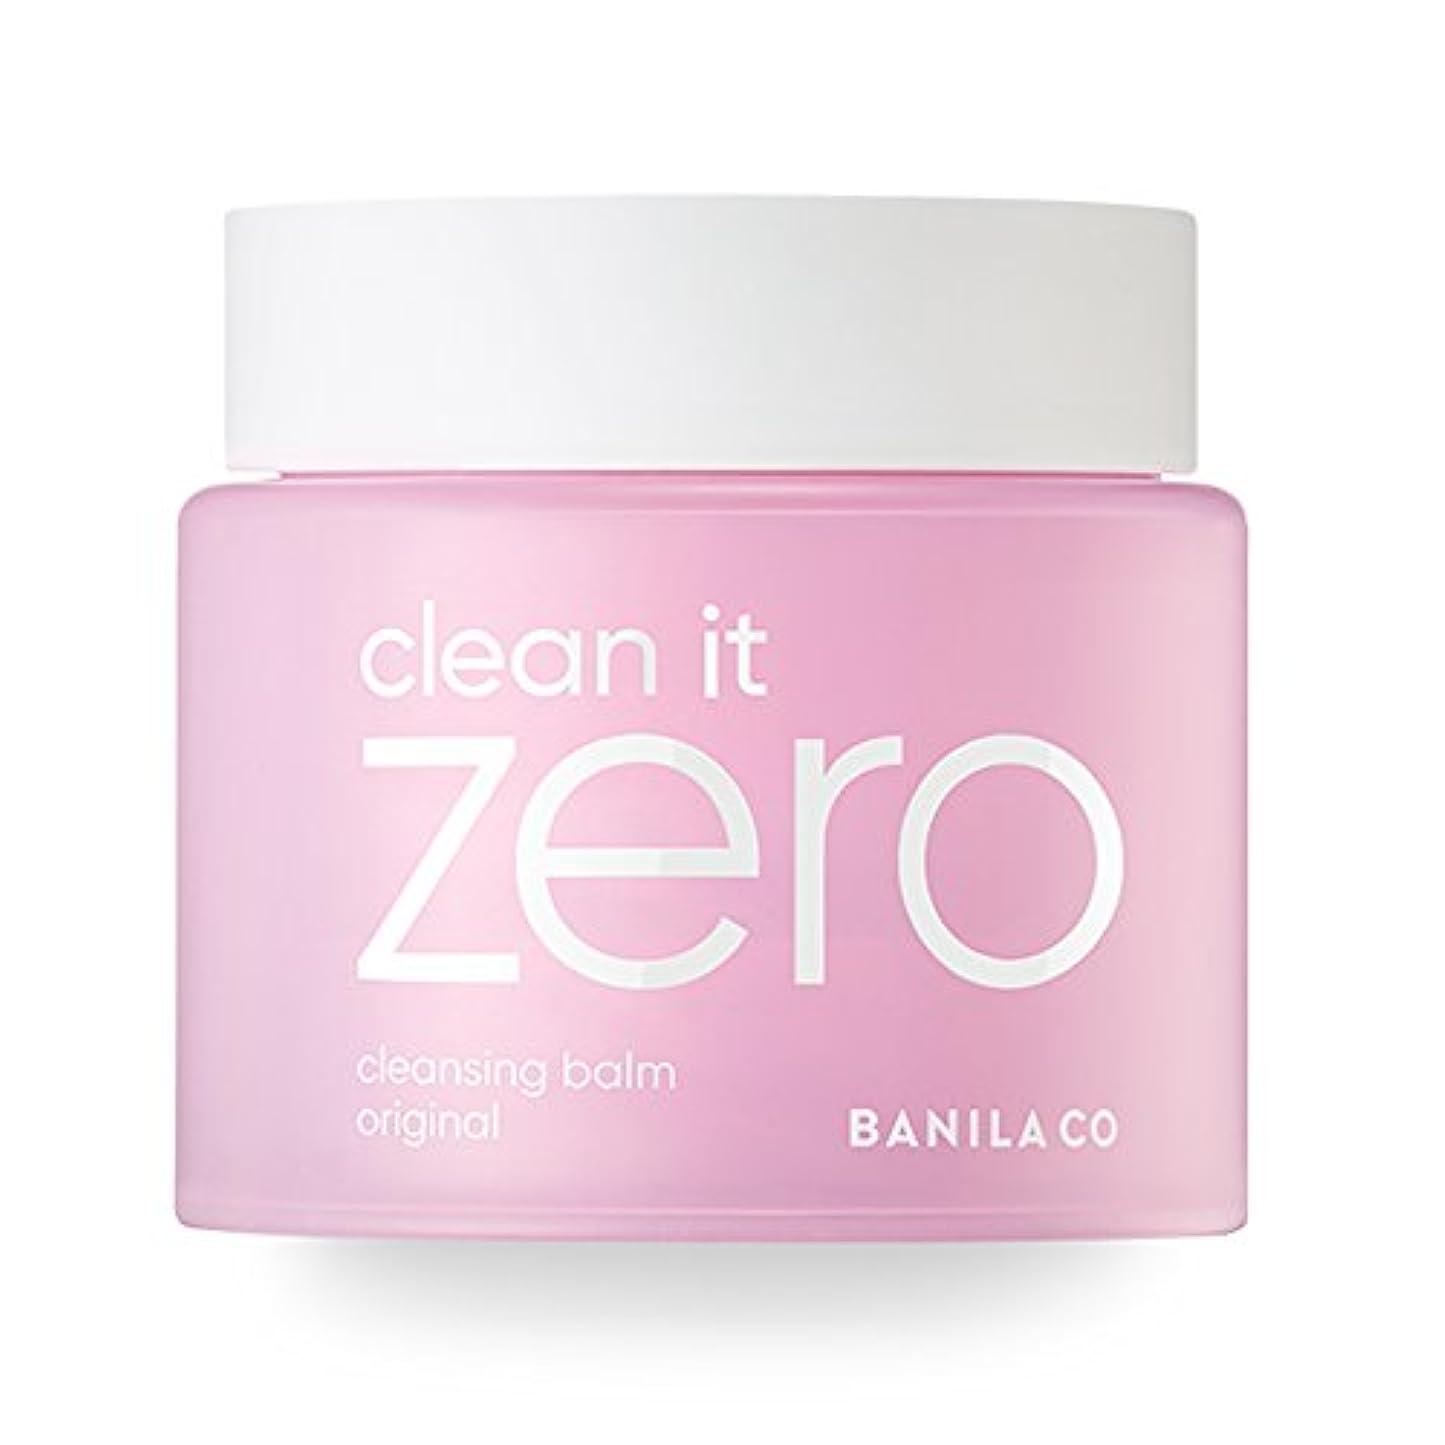 浸す二度関係するBANILA CO(バニラコ)公式ストア  バニラコ クリーン イット ゼロ クレンジング バーム オリジナル / Clean It Zero Cleansing Balm Original 180ml